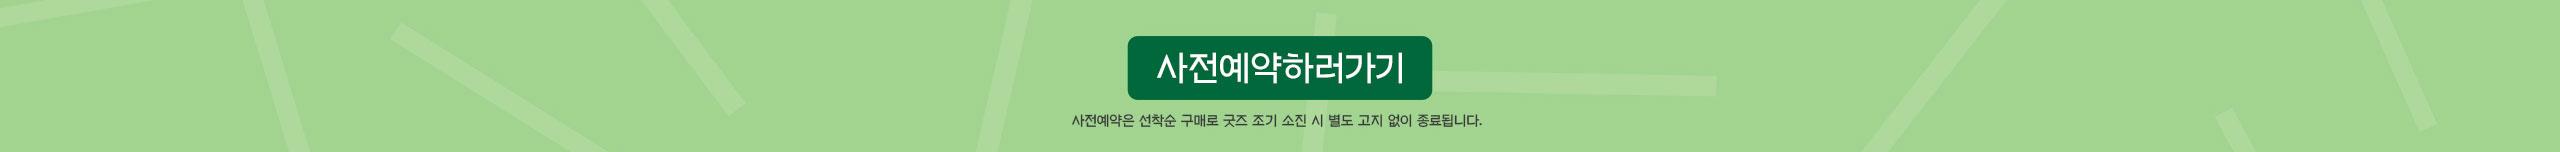 0525-노르드시크-기존상세-수정_PC_02